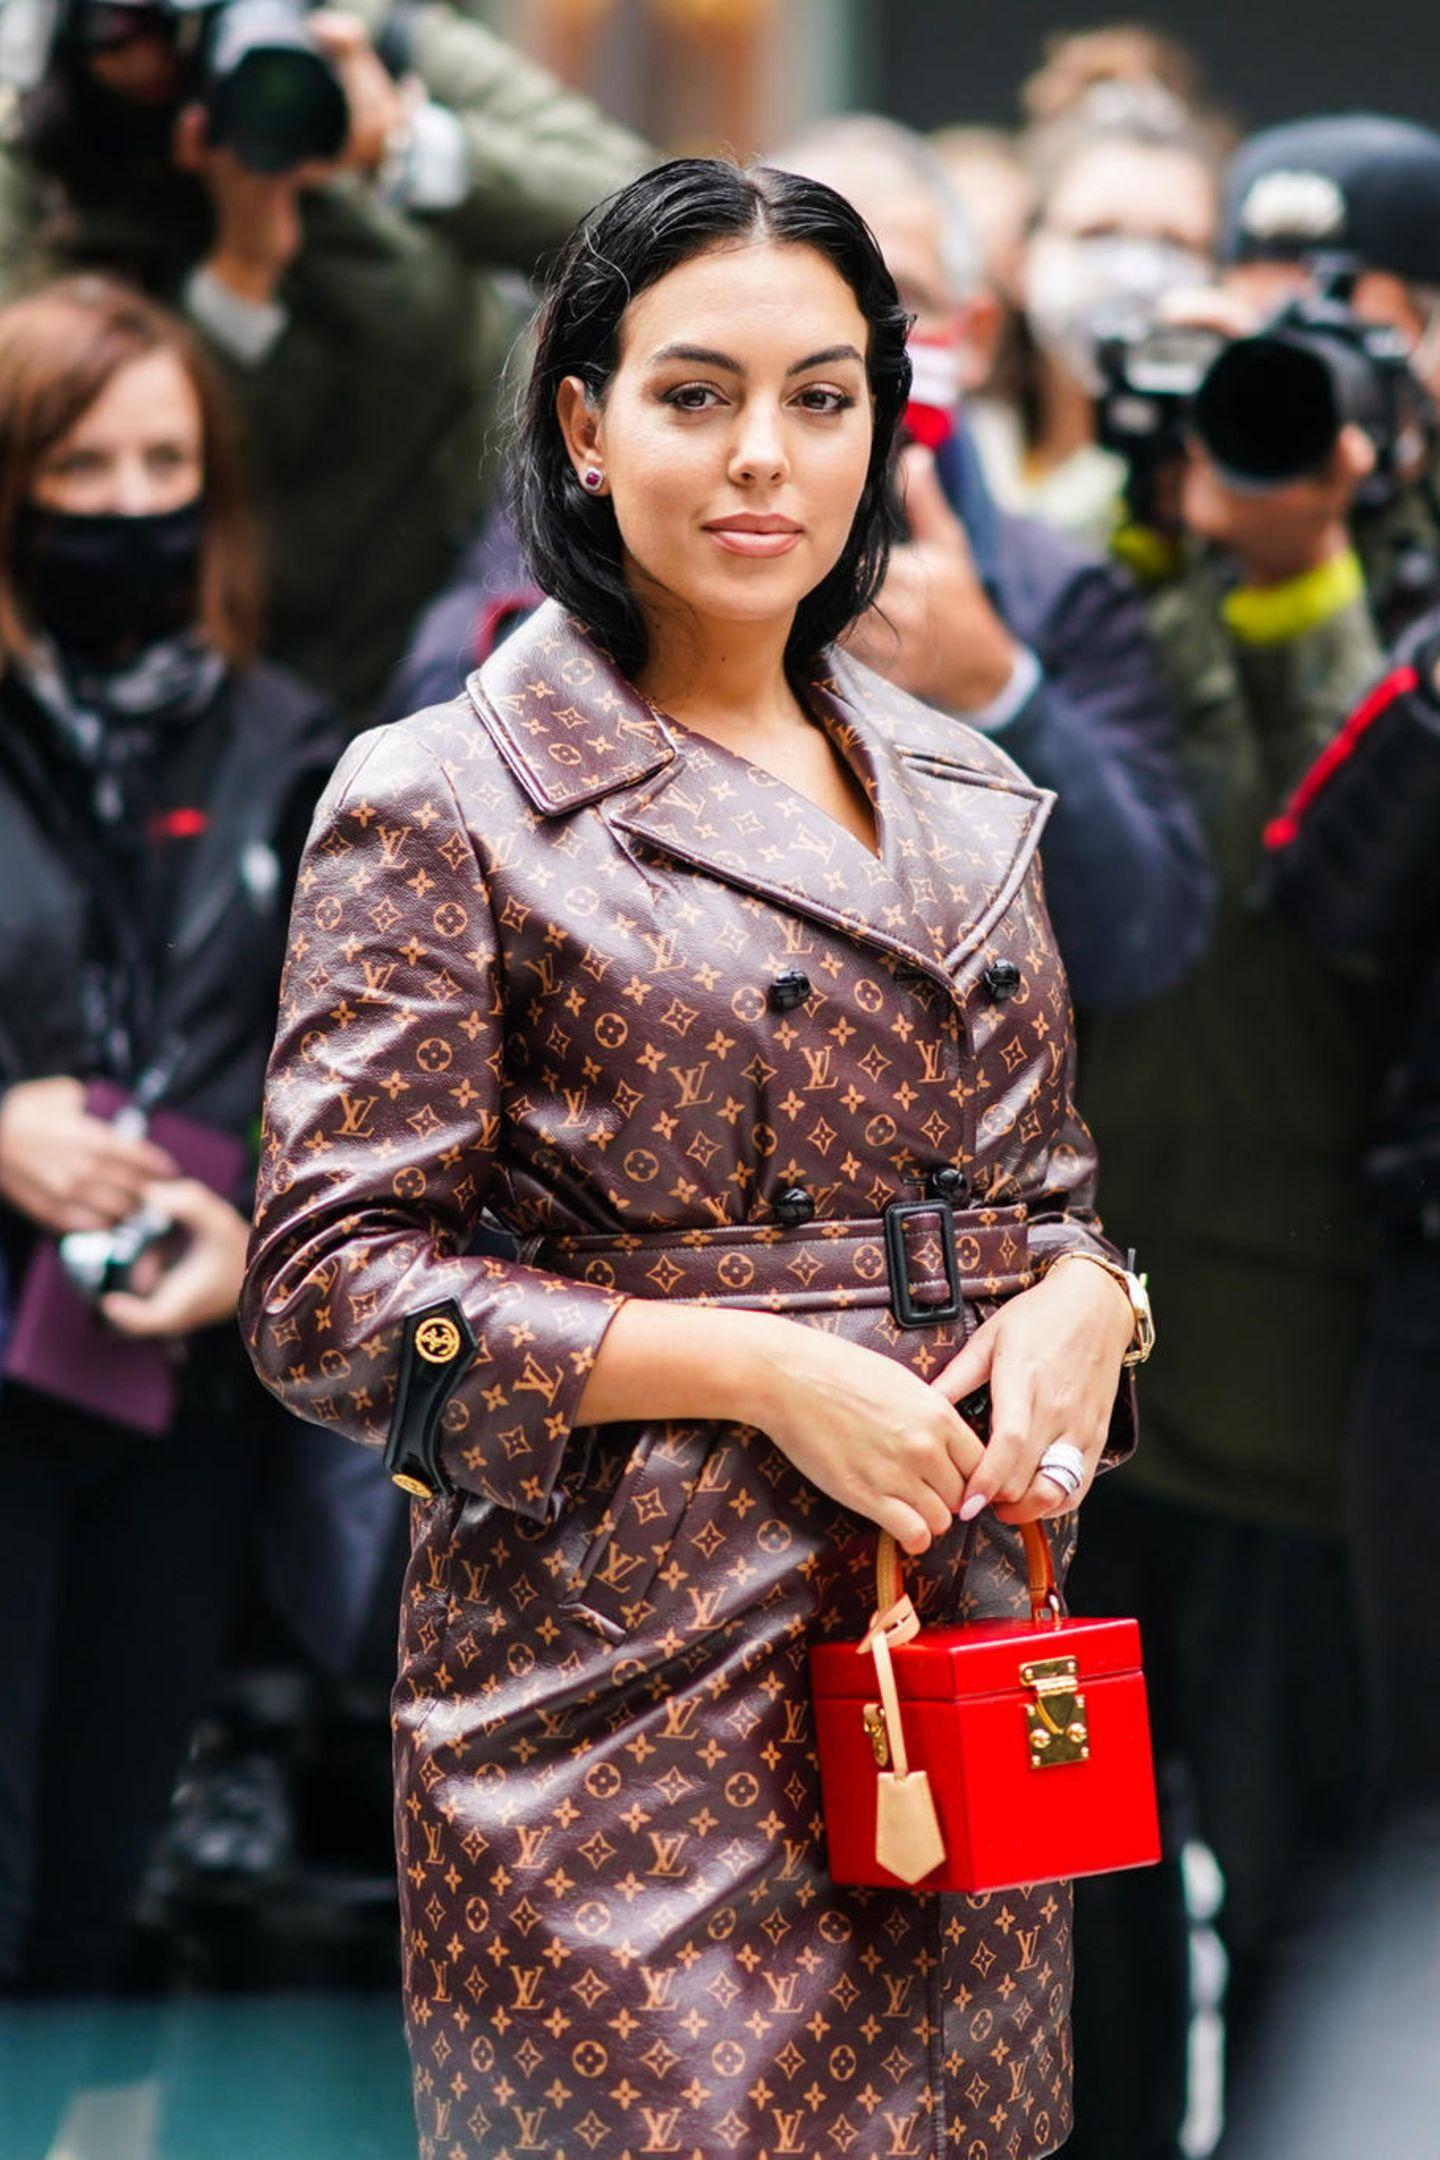 Georgina Rodriguez, die Freundin von Fußball-Star Cristiano Ronaldo, posiert vor der Show von Louis Vuitton für die Streetstyle-Fotografen.